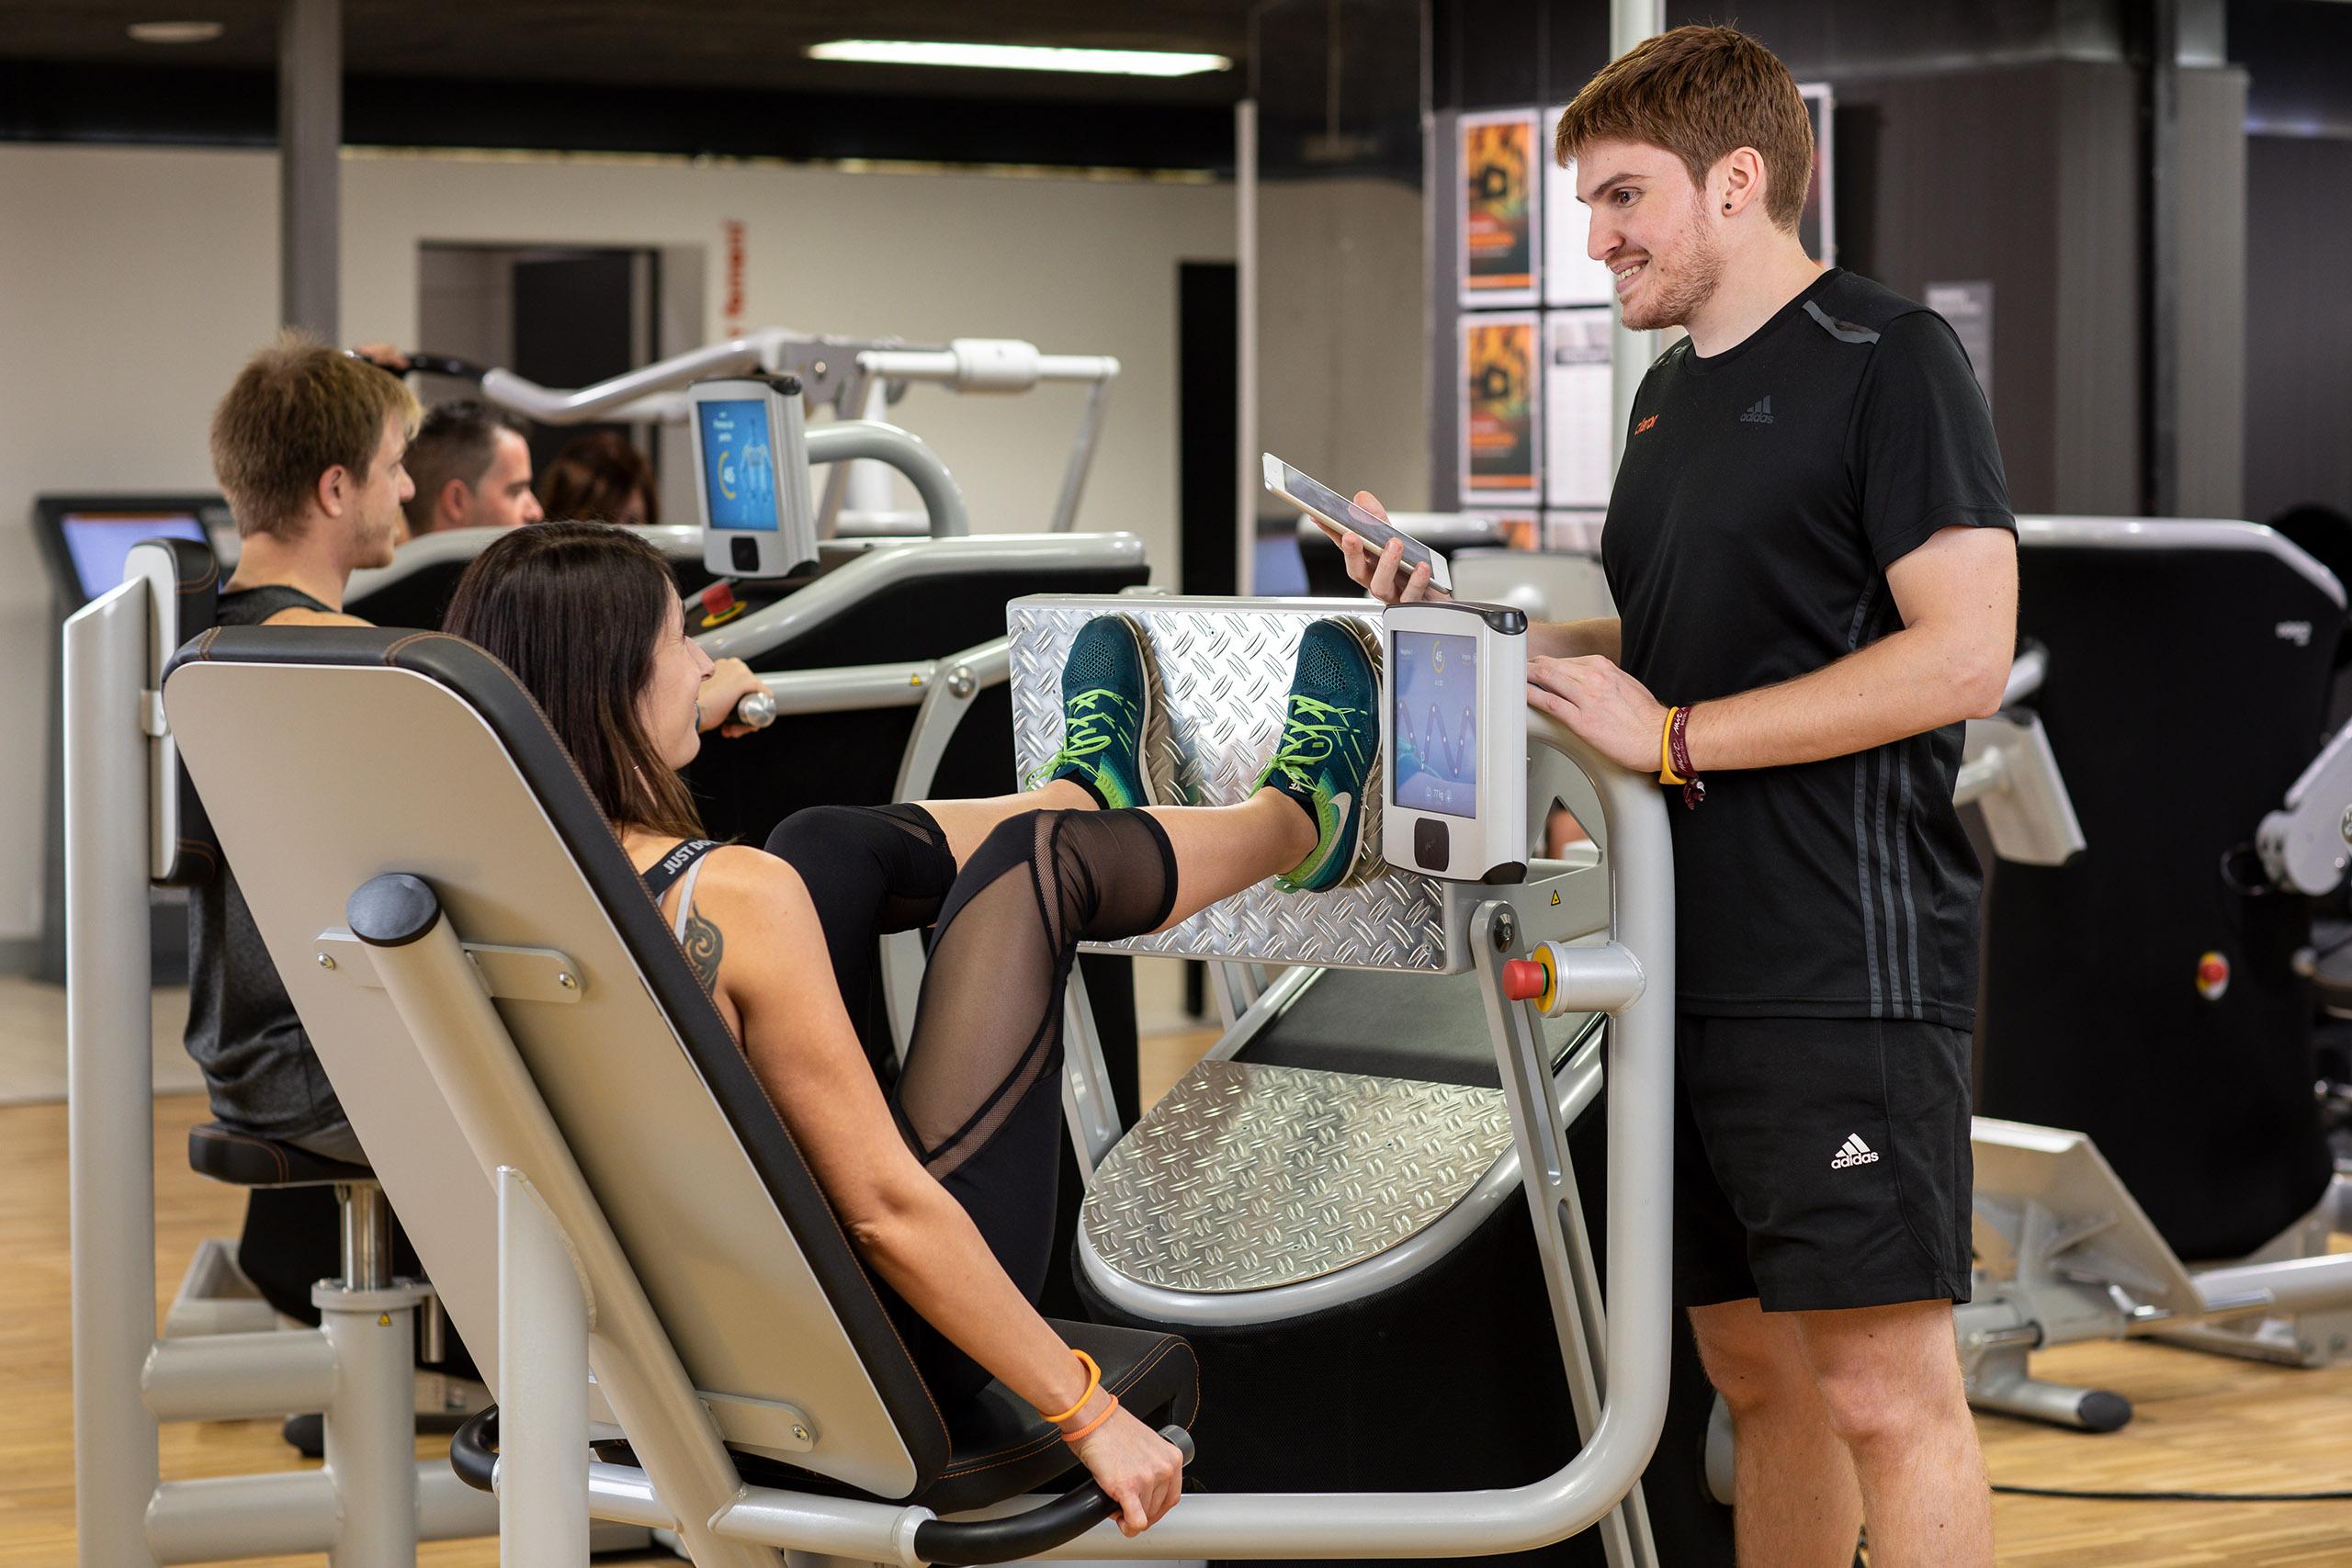 Sesión de fitness en un gimnasio, con dos luces